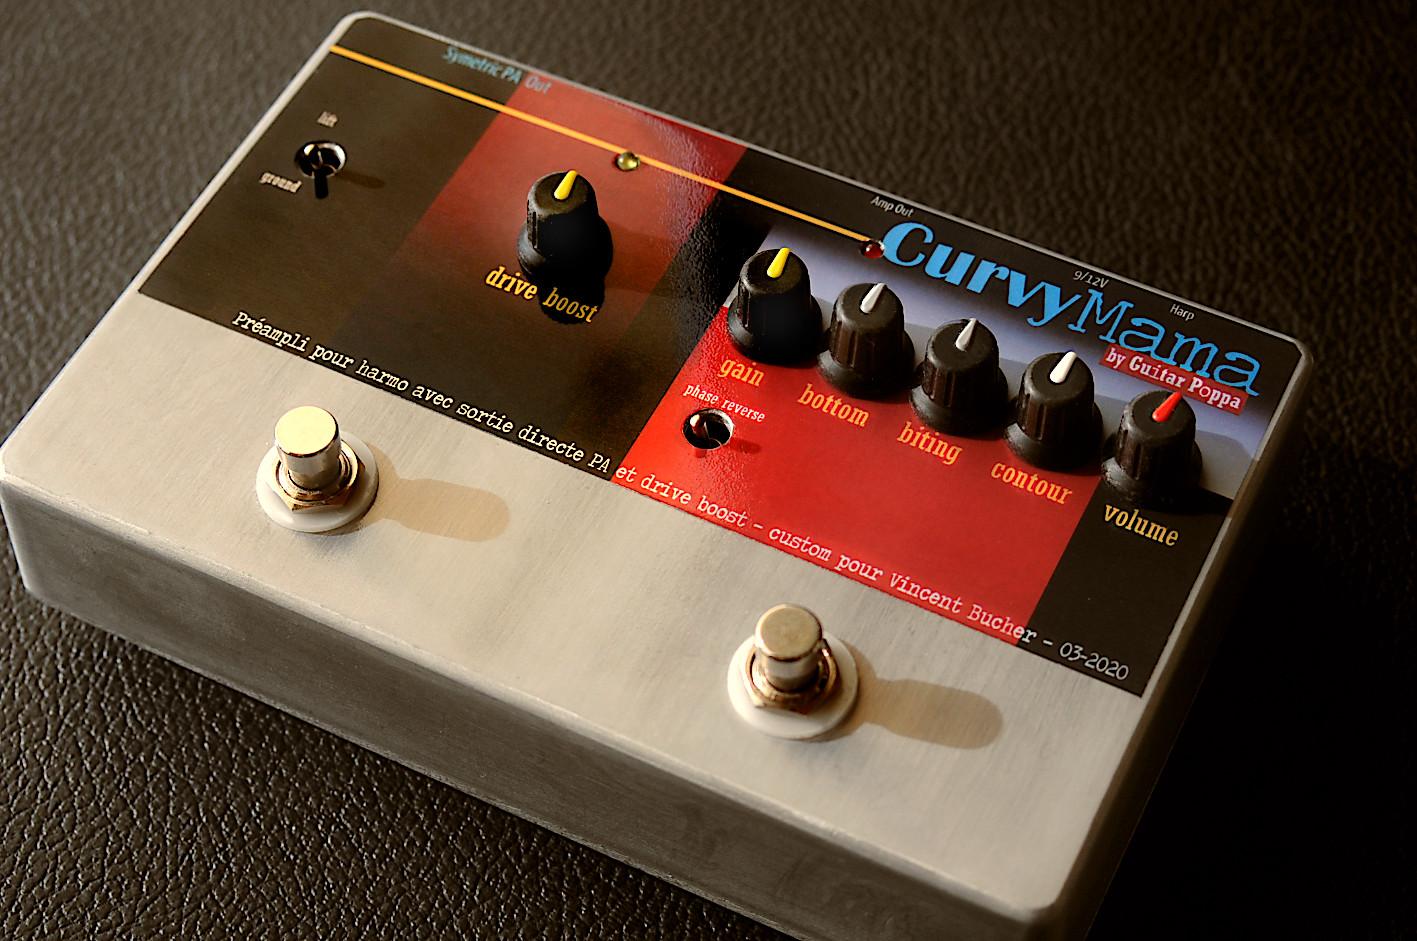 CurvyMama SimSym Output, préampli spécial harmo avec simulateur de HP et sortie symétrique pour liaison directe avec la sono